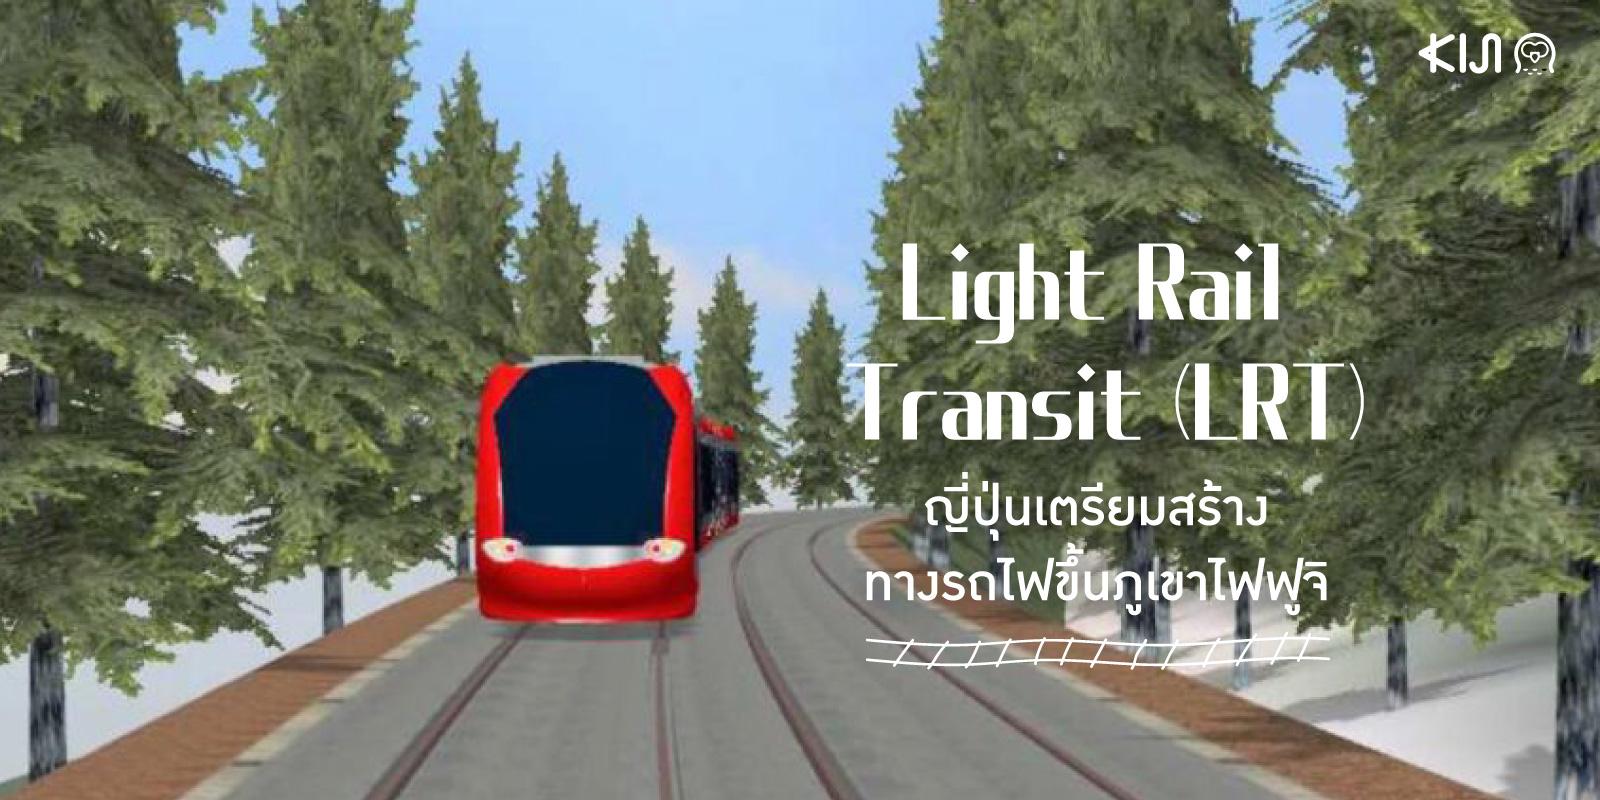 ญี่ปุ่นเตรียมสร้าง LRT รถไฟ รางเบาขึ้น ภูเขาไฟฟูจิ